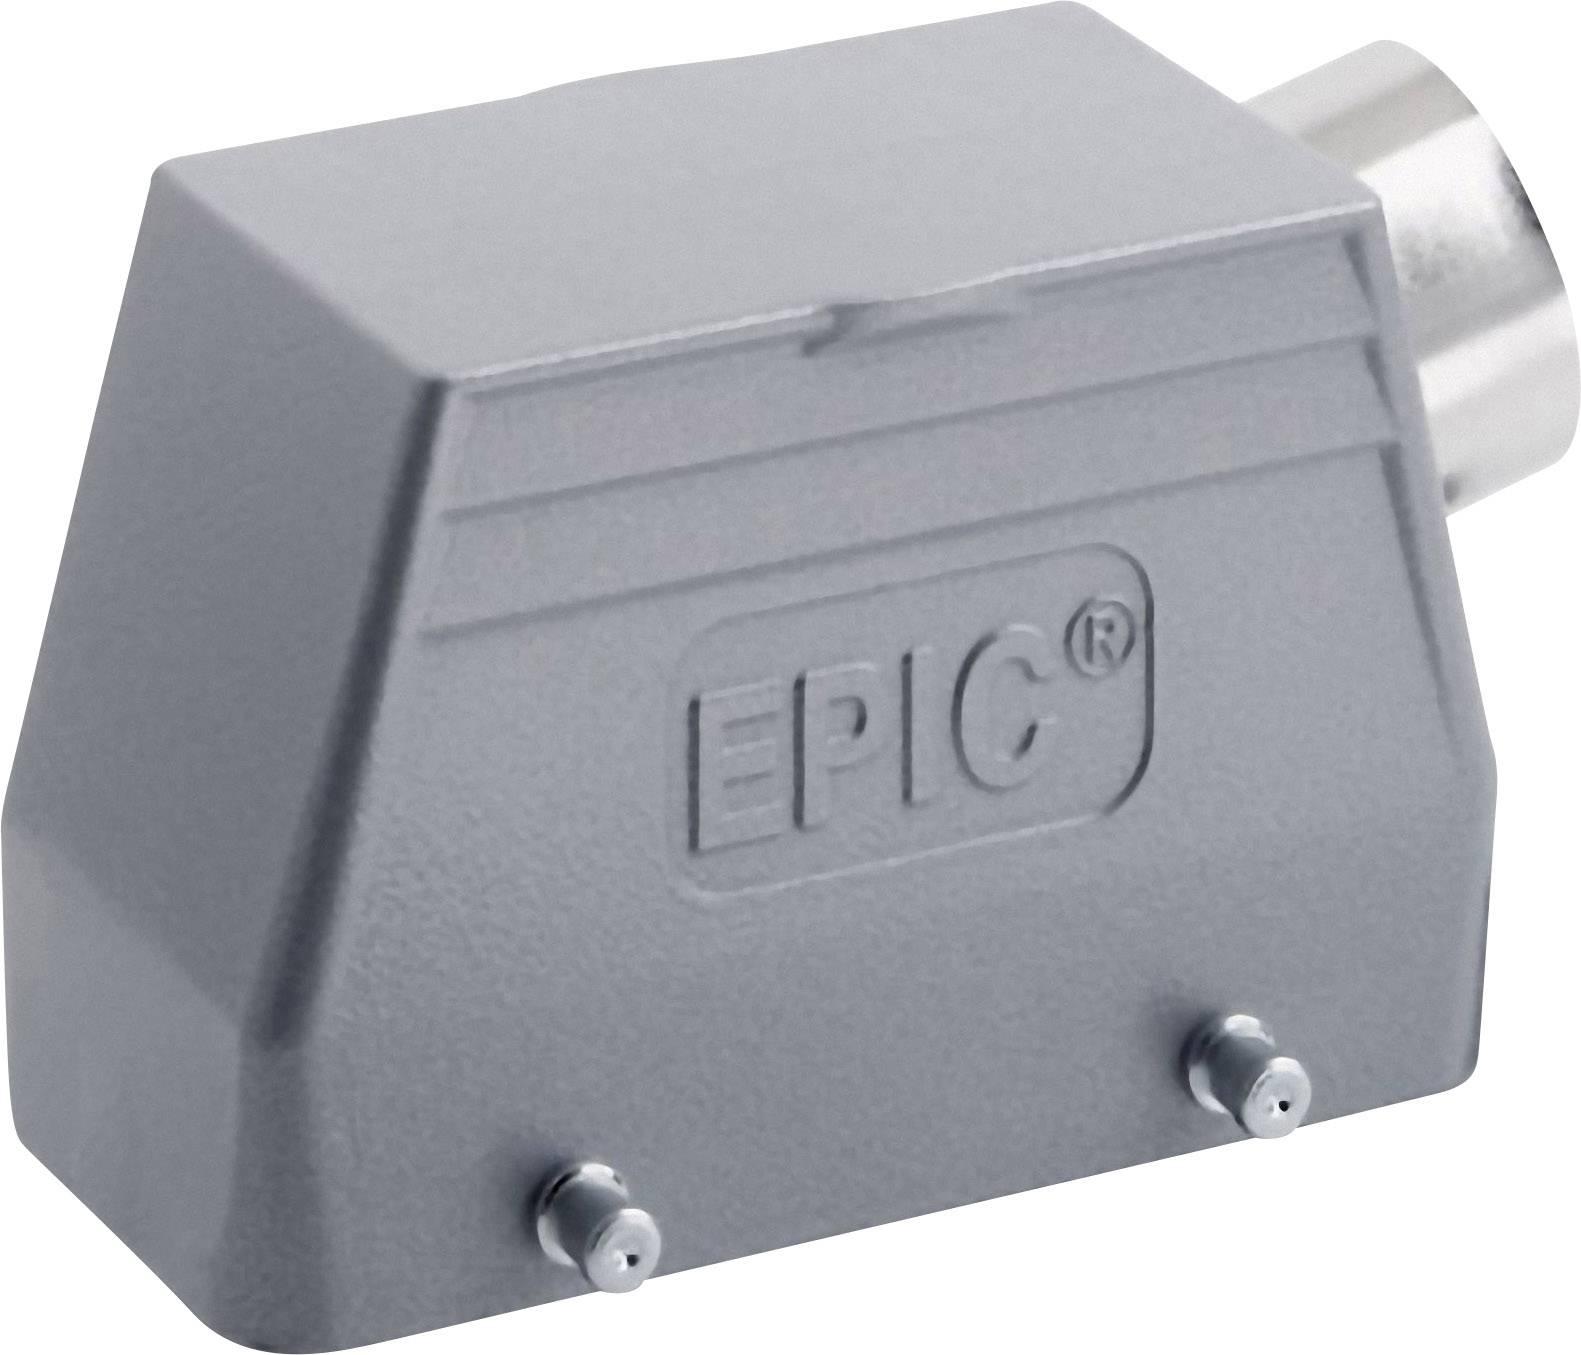 Pouzdro LappKabel EPIC® H-B 10 TS M25 (19042100), IP65